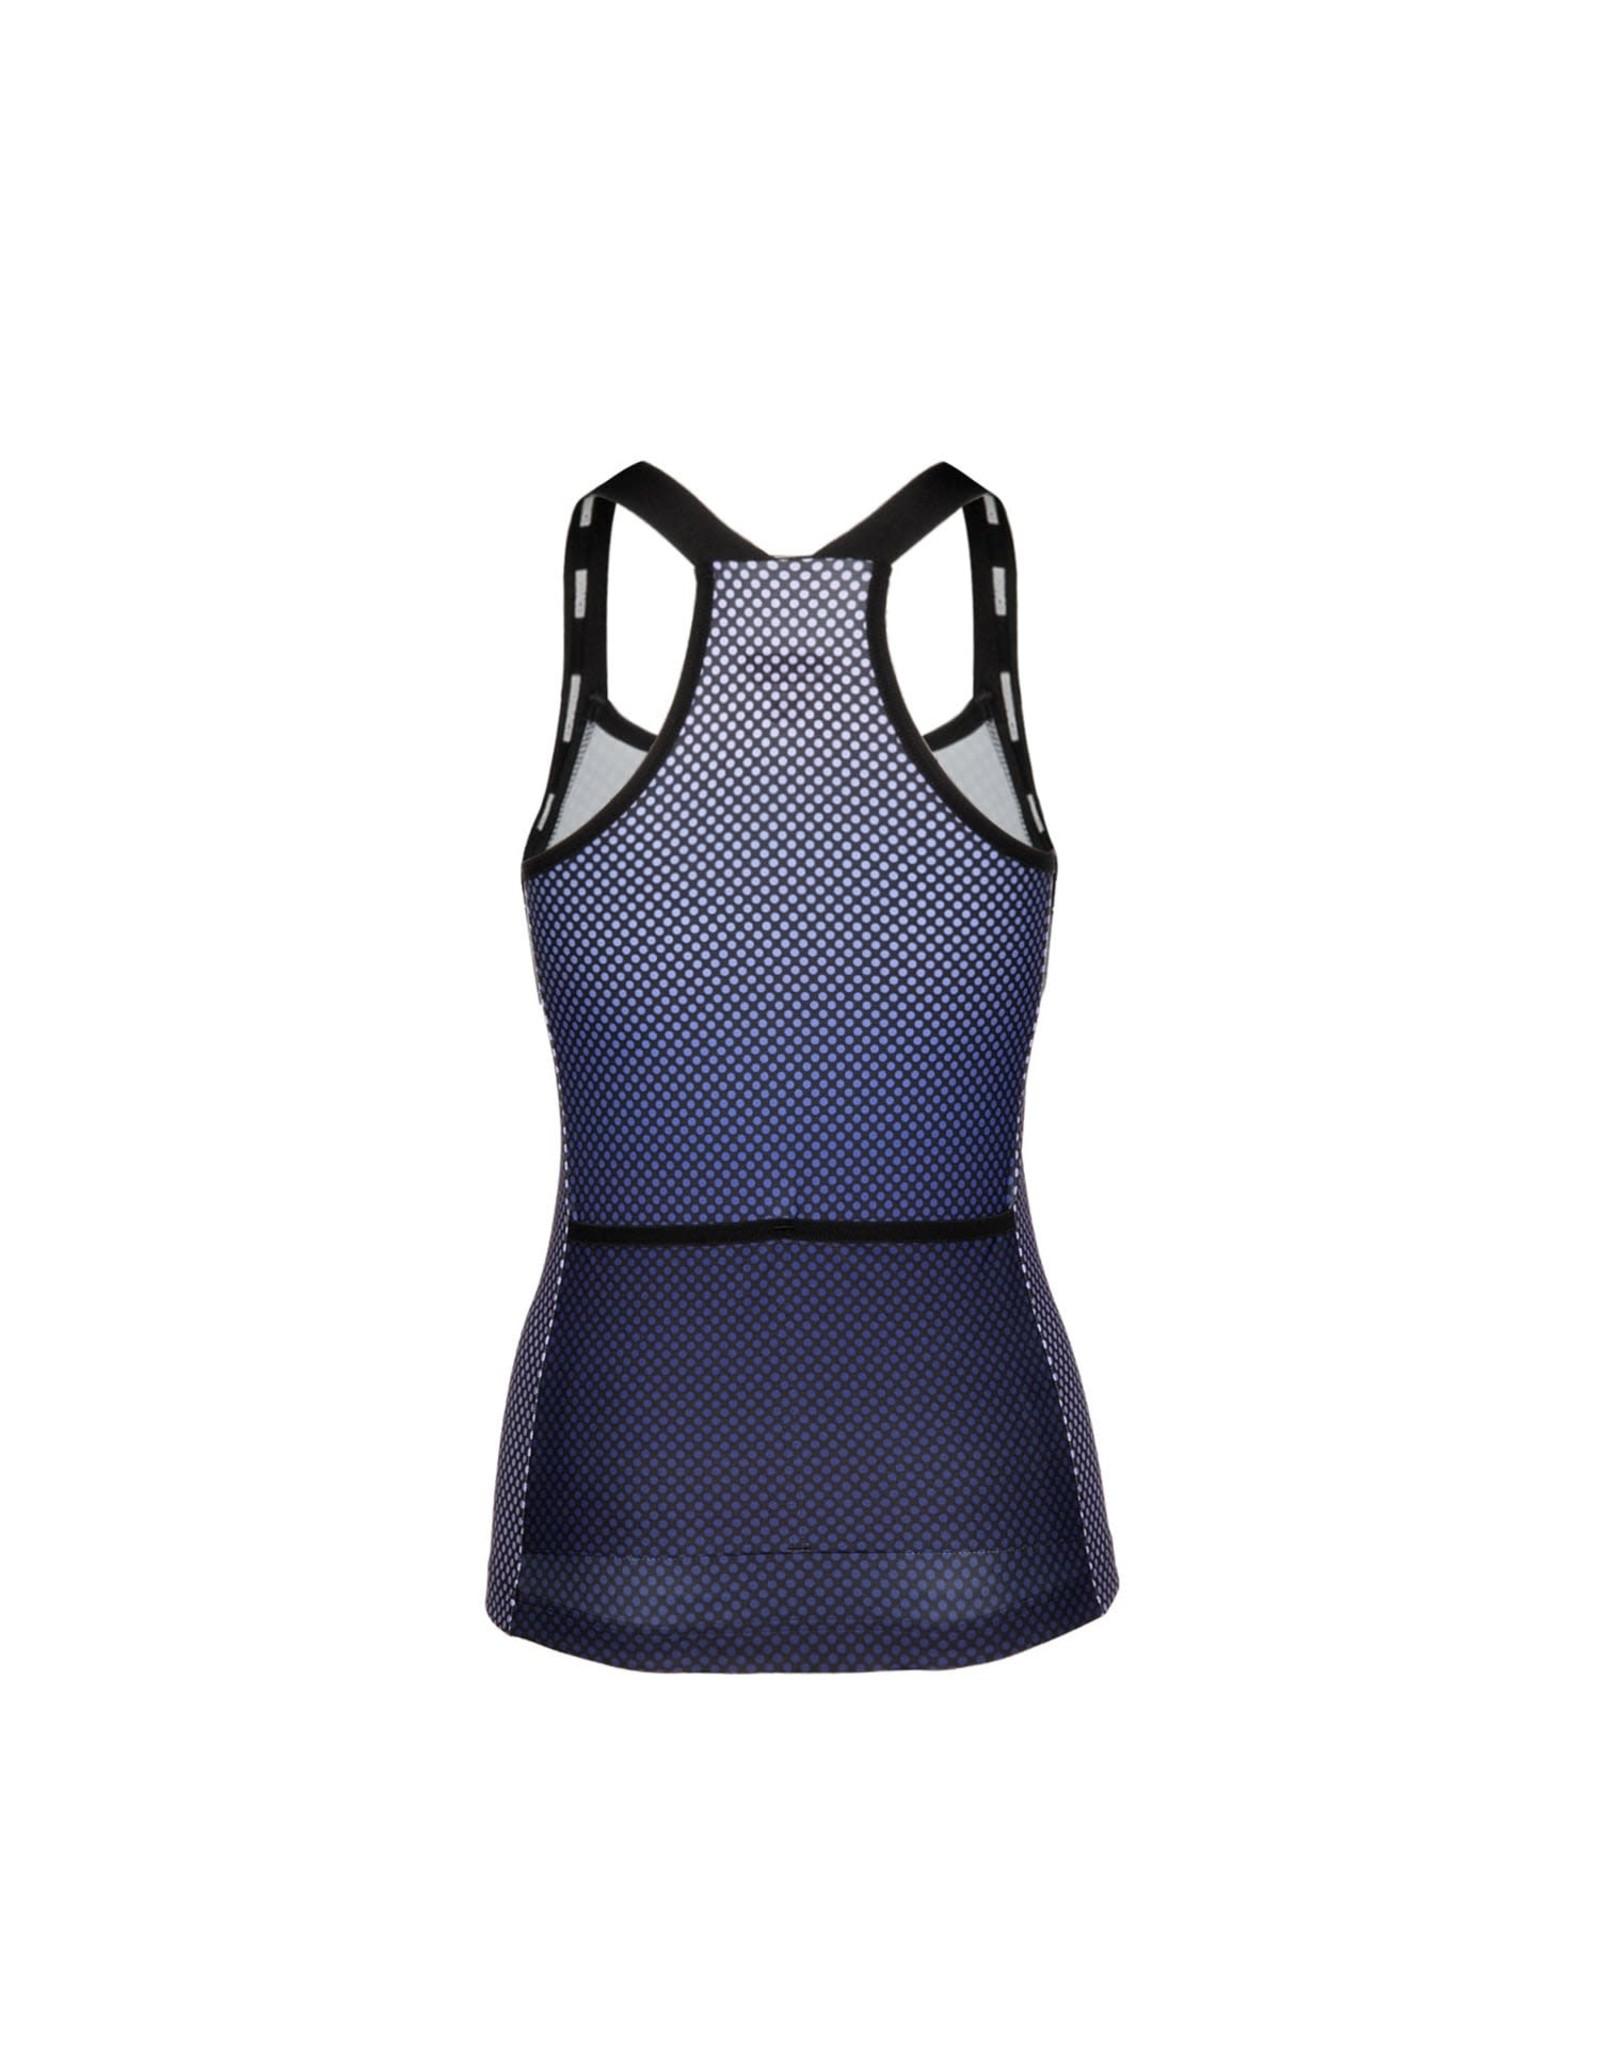 Bioracer '21, BIORACER, Women's Vesper Tan Top Jersey, Purple Blitzz